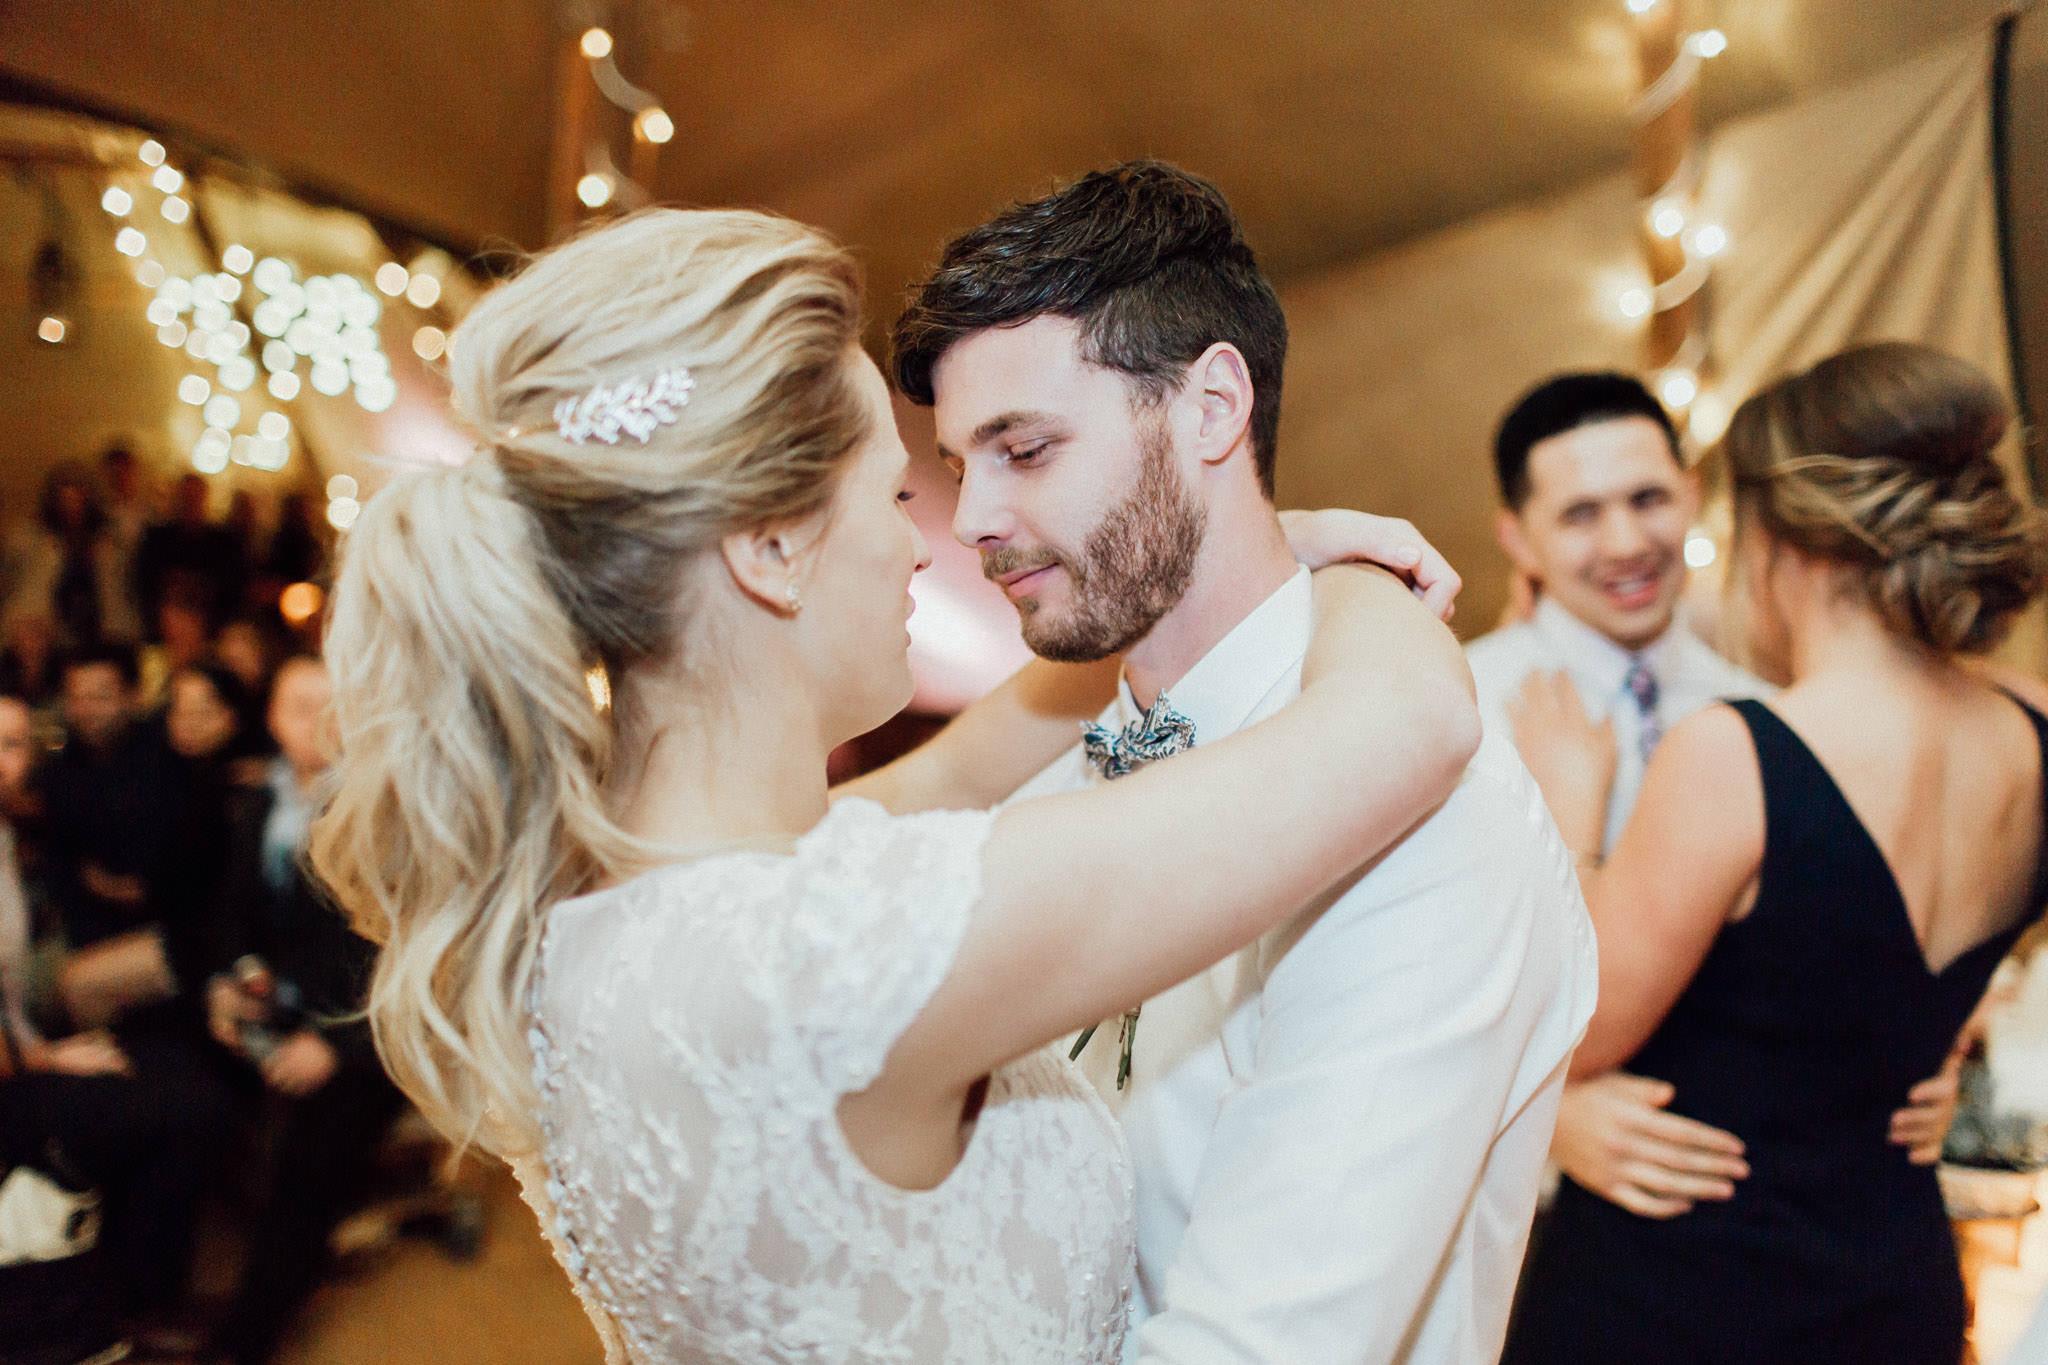 WeddingPhotos_Facebook_2048pixels-1871.jpg